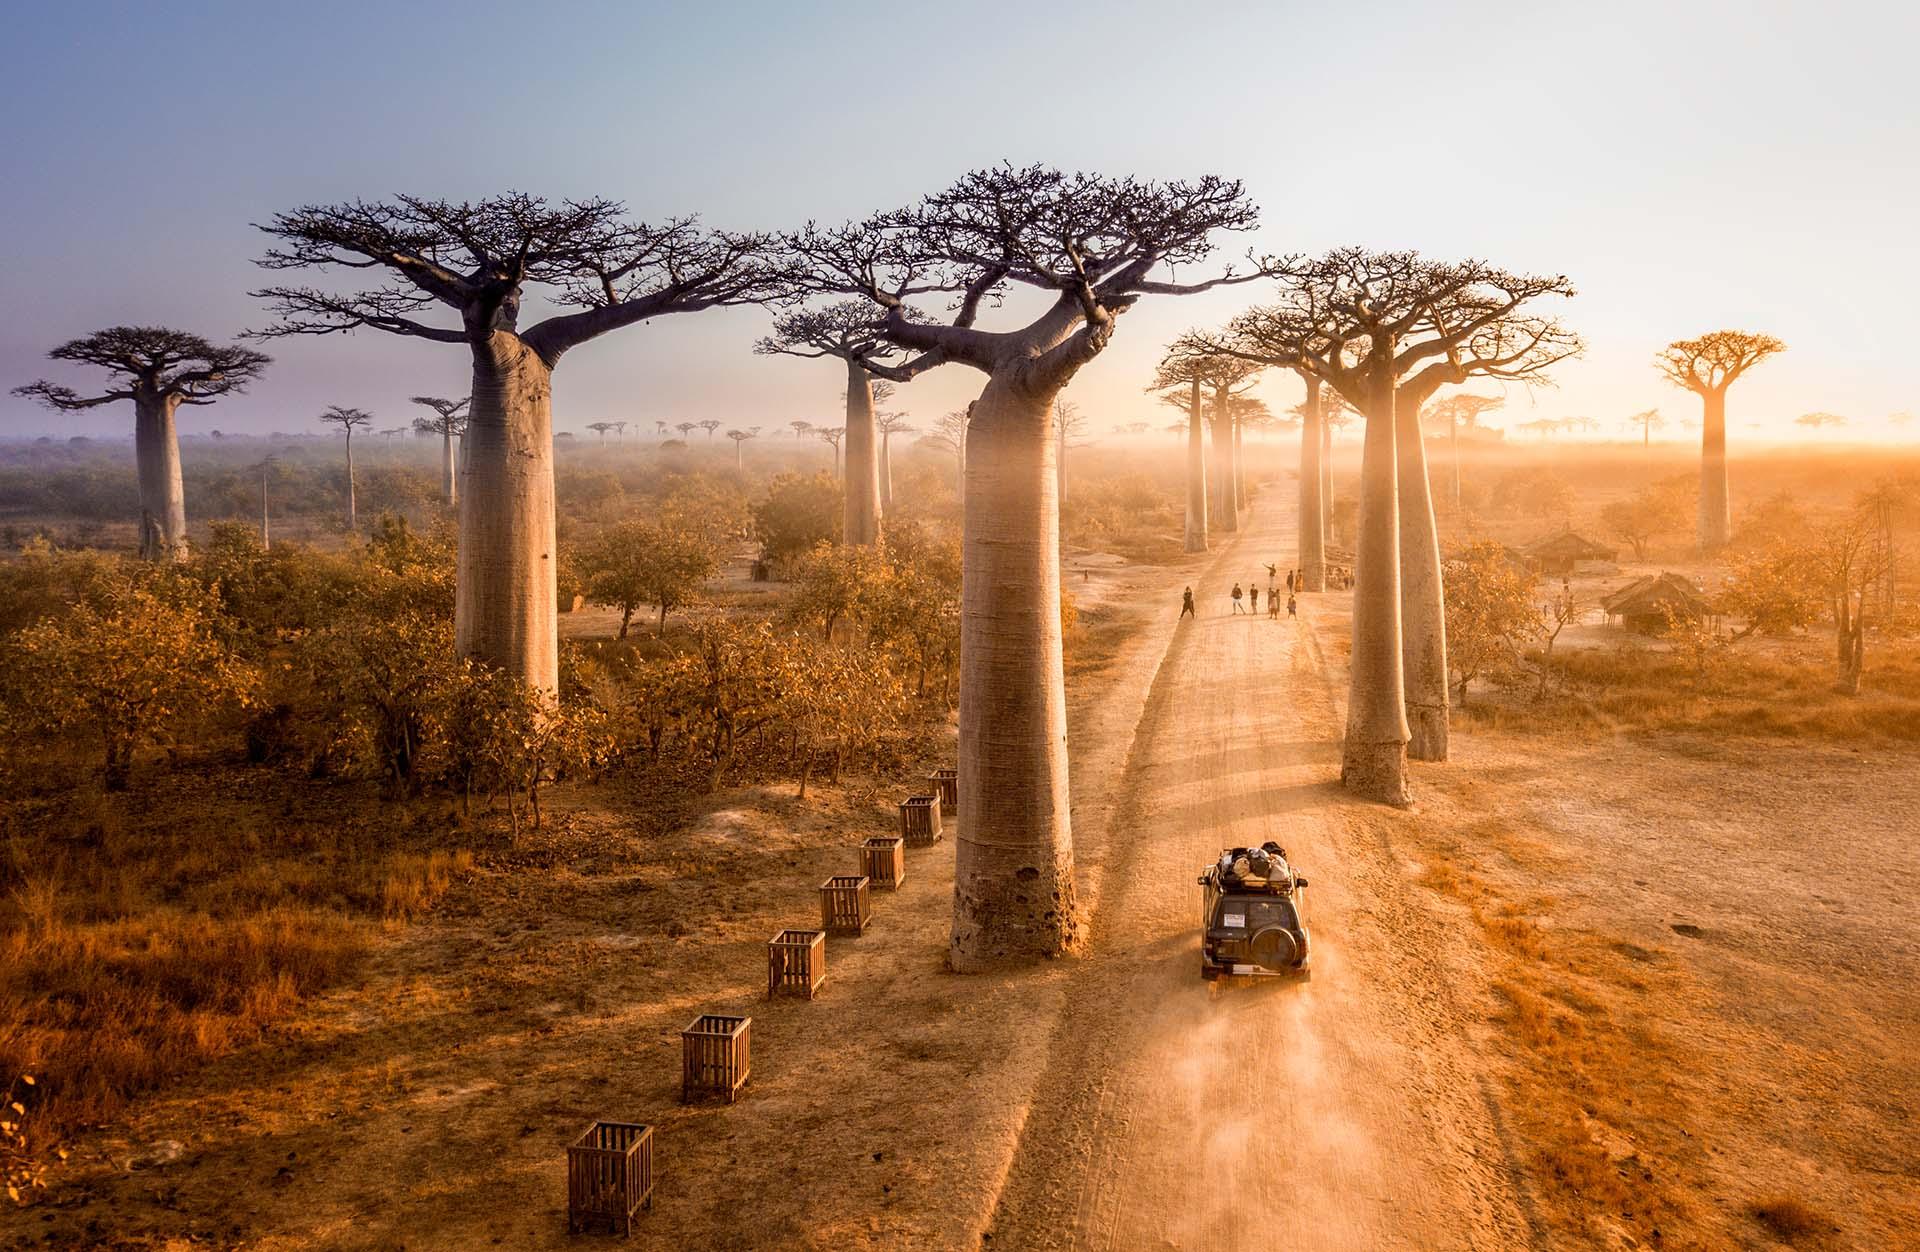 Lémures, baobabs, selva tropical, desierto, senderismo y buceo: Madagascar es un destino de ensueño para los entusiastas del aire libre. Visitar los árboles Baobab en Madagascar es uno de los principales atractivos de este país